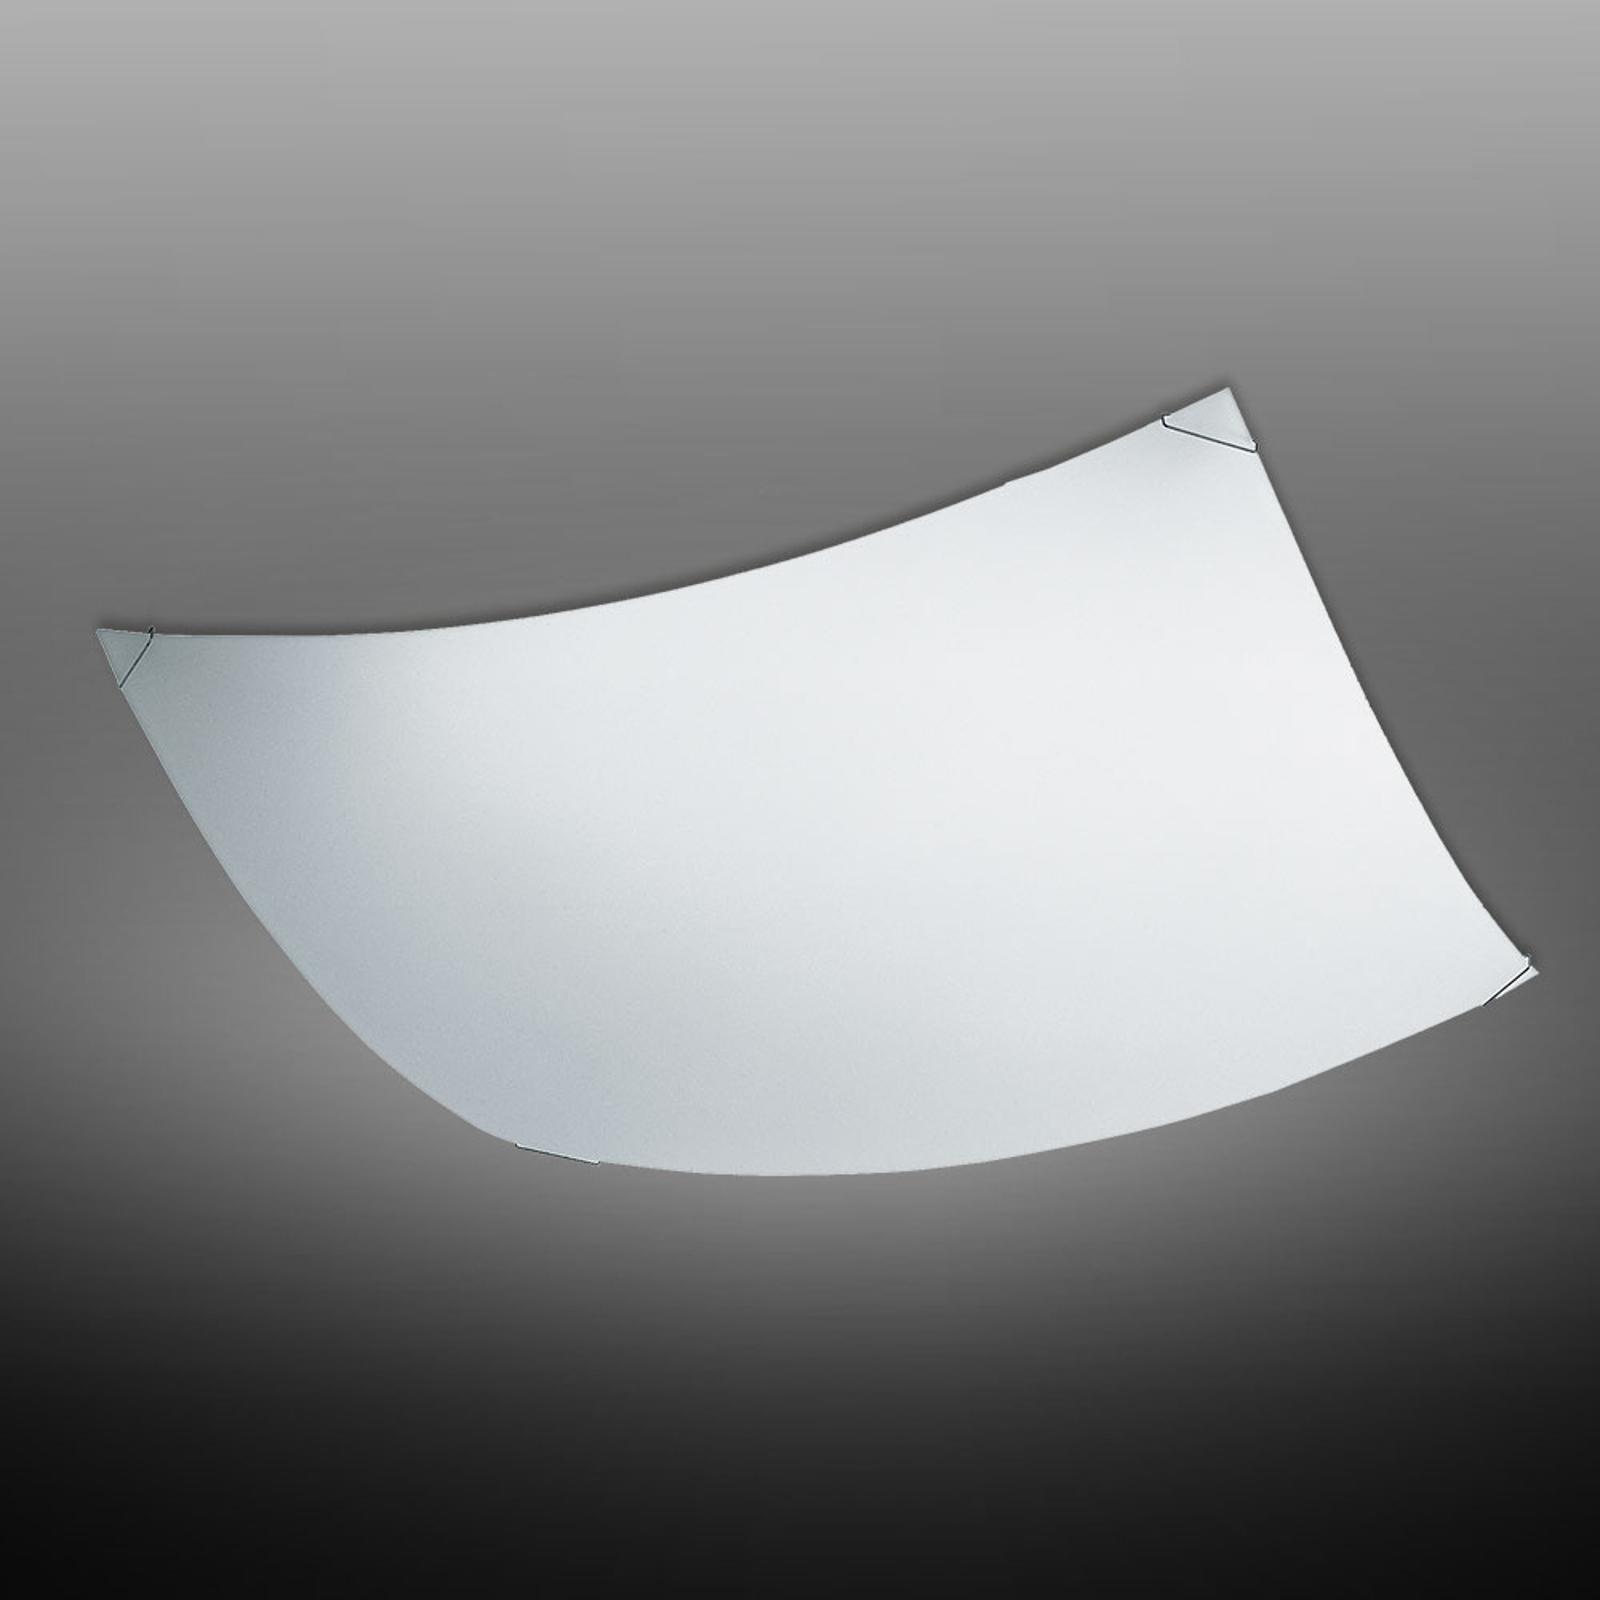 Lampa sufitowa QUADRA ICE, 42 cm